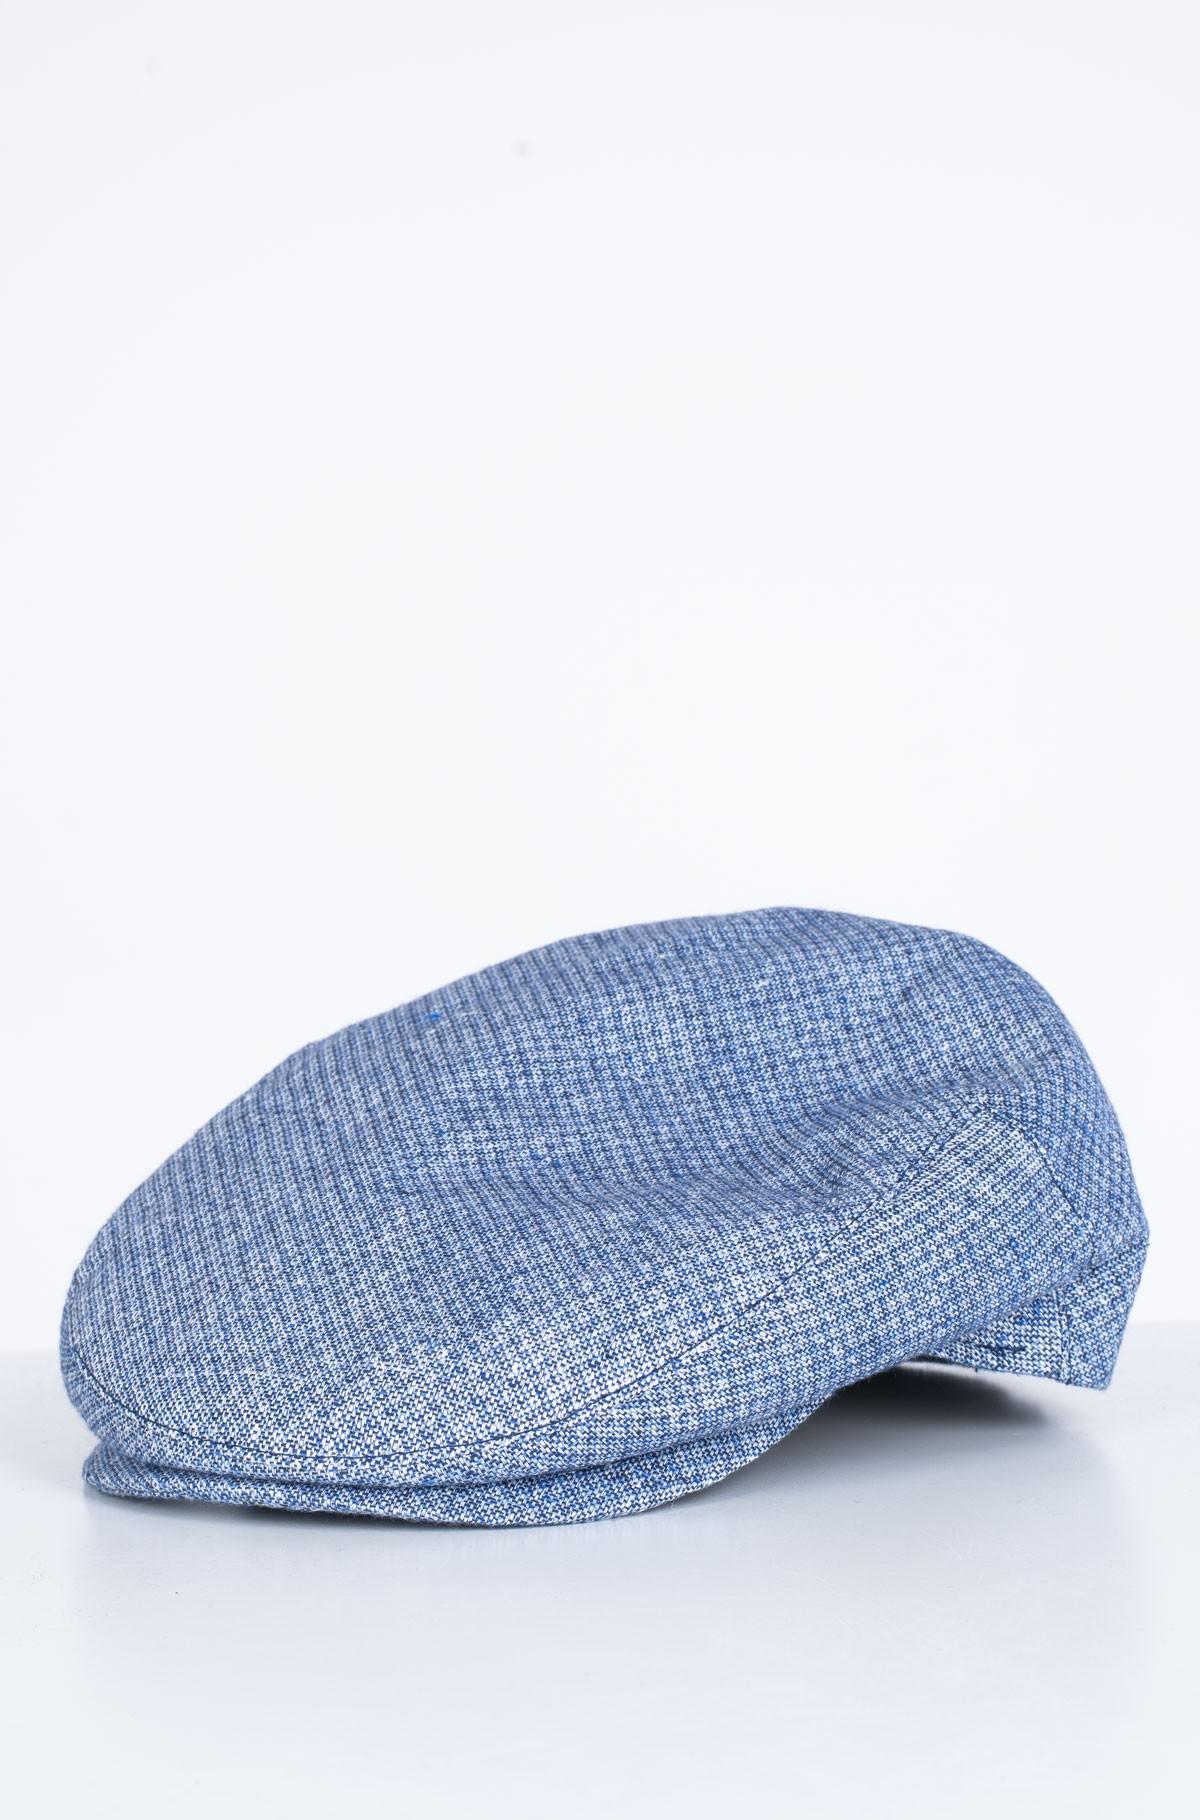 Flat cap 8350364-full-1